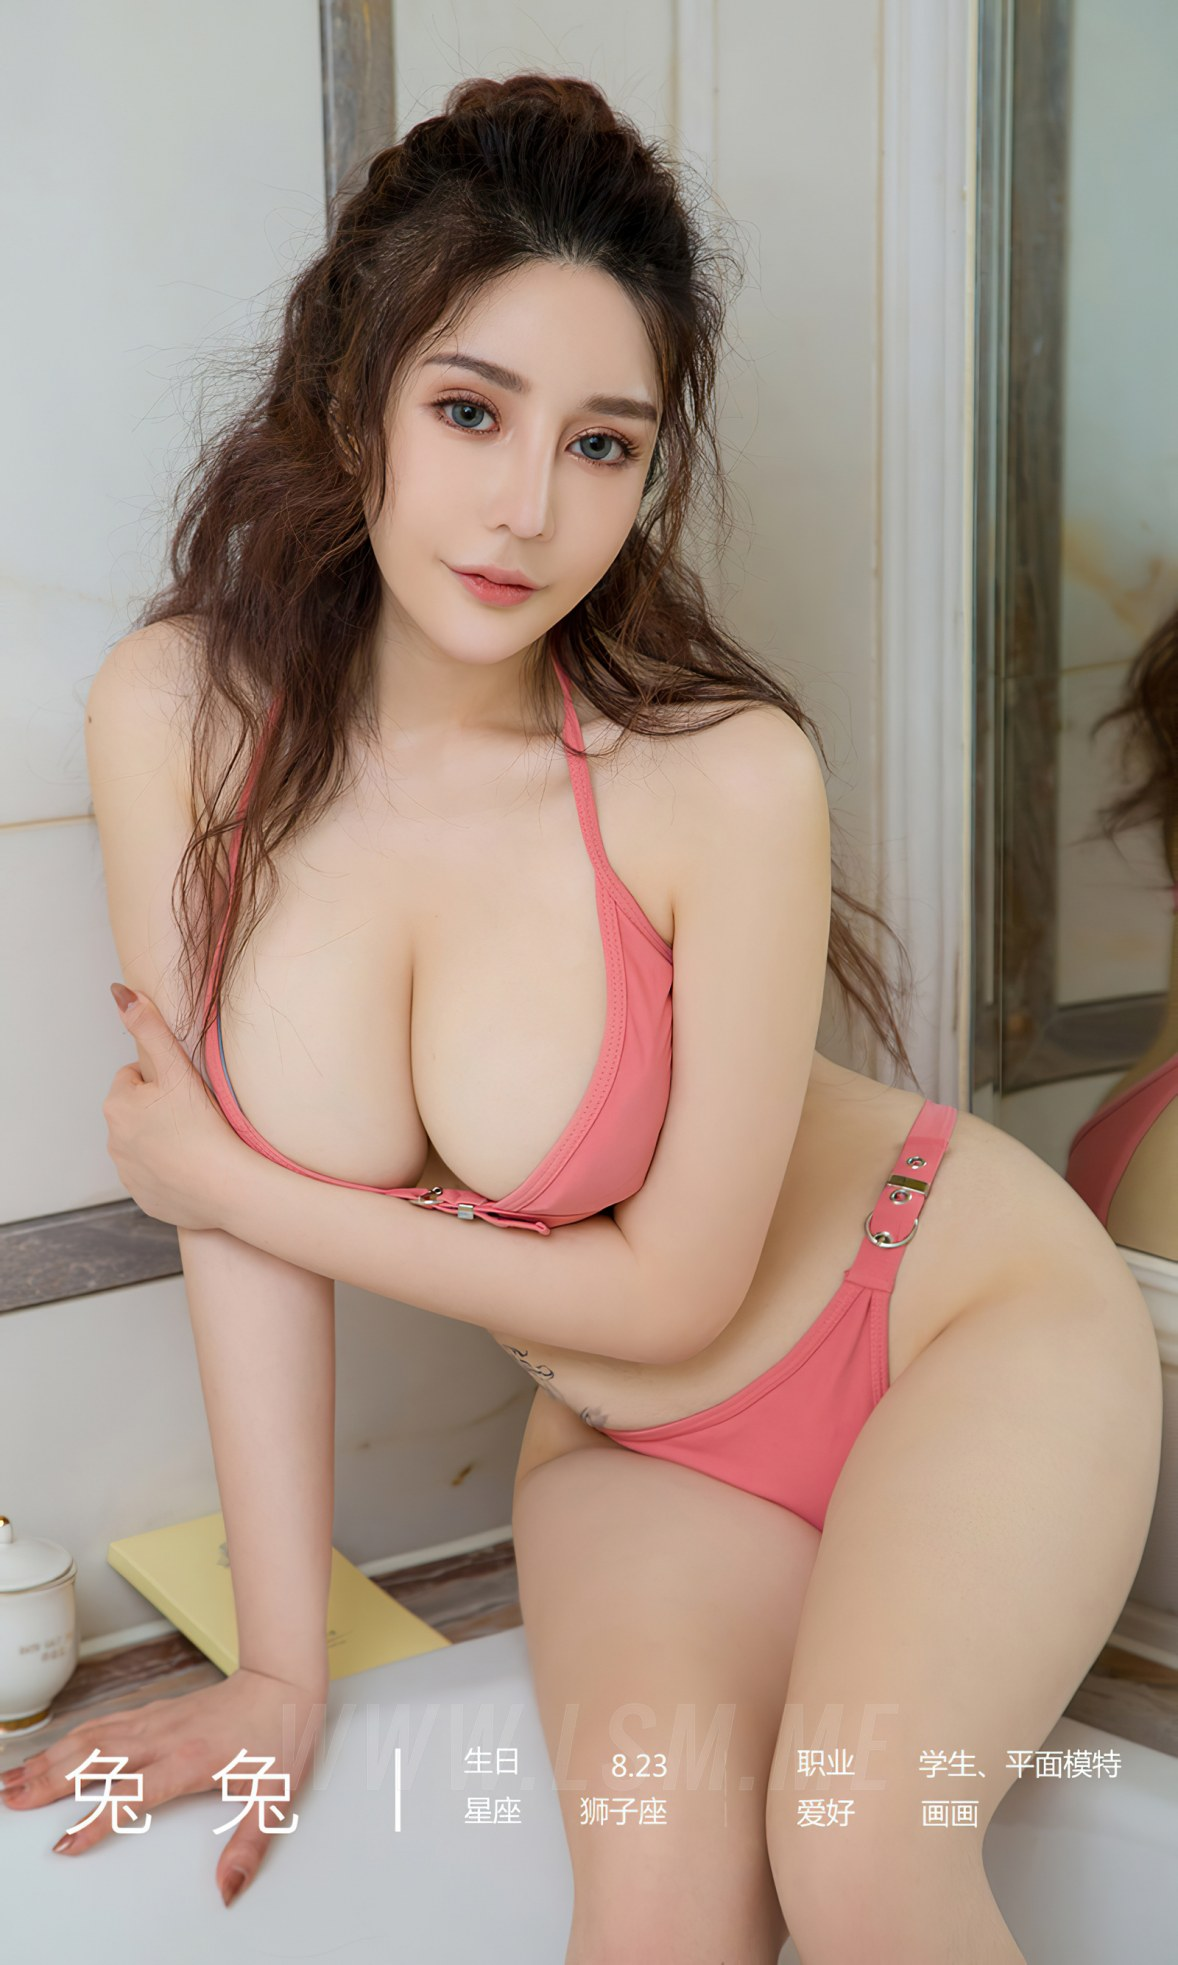 UGirls 爱尤物 No.1822 兔兔 蜜粉萌兔 - 4